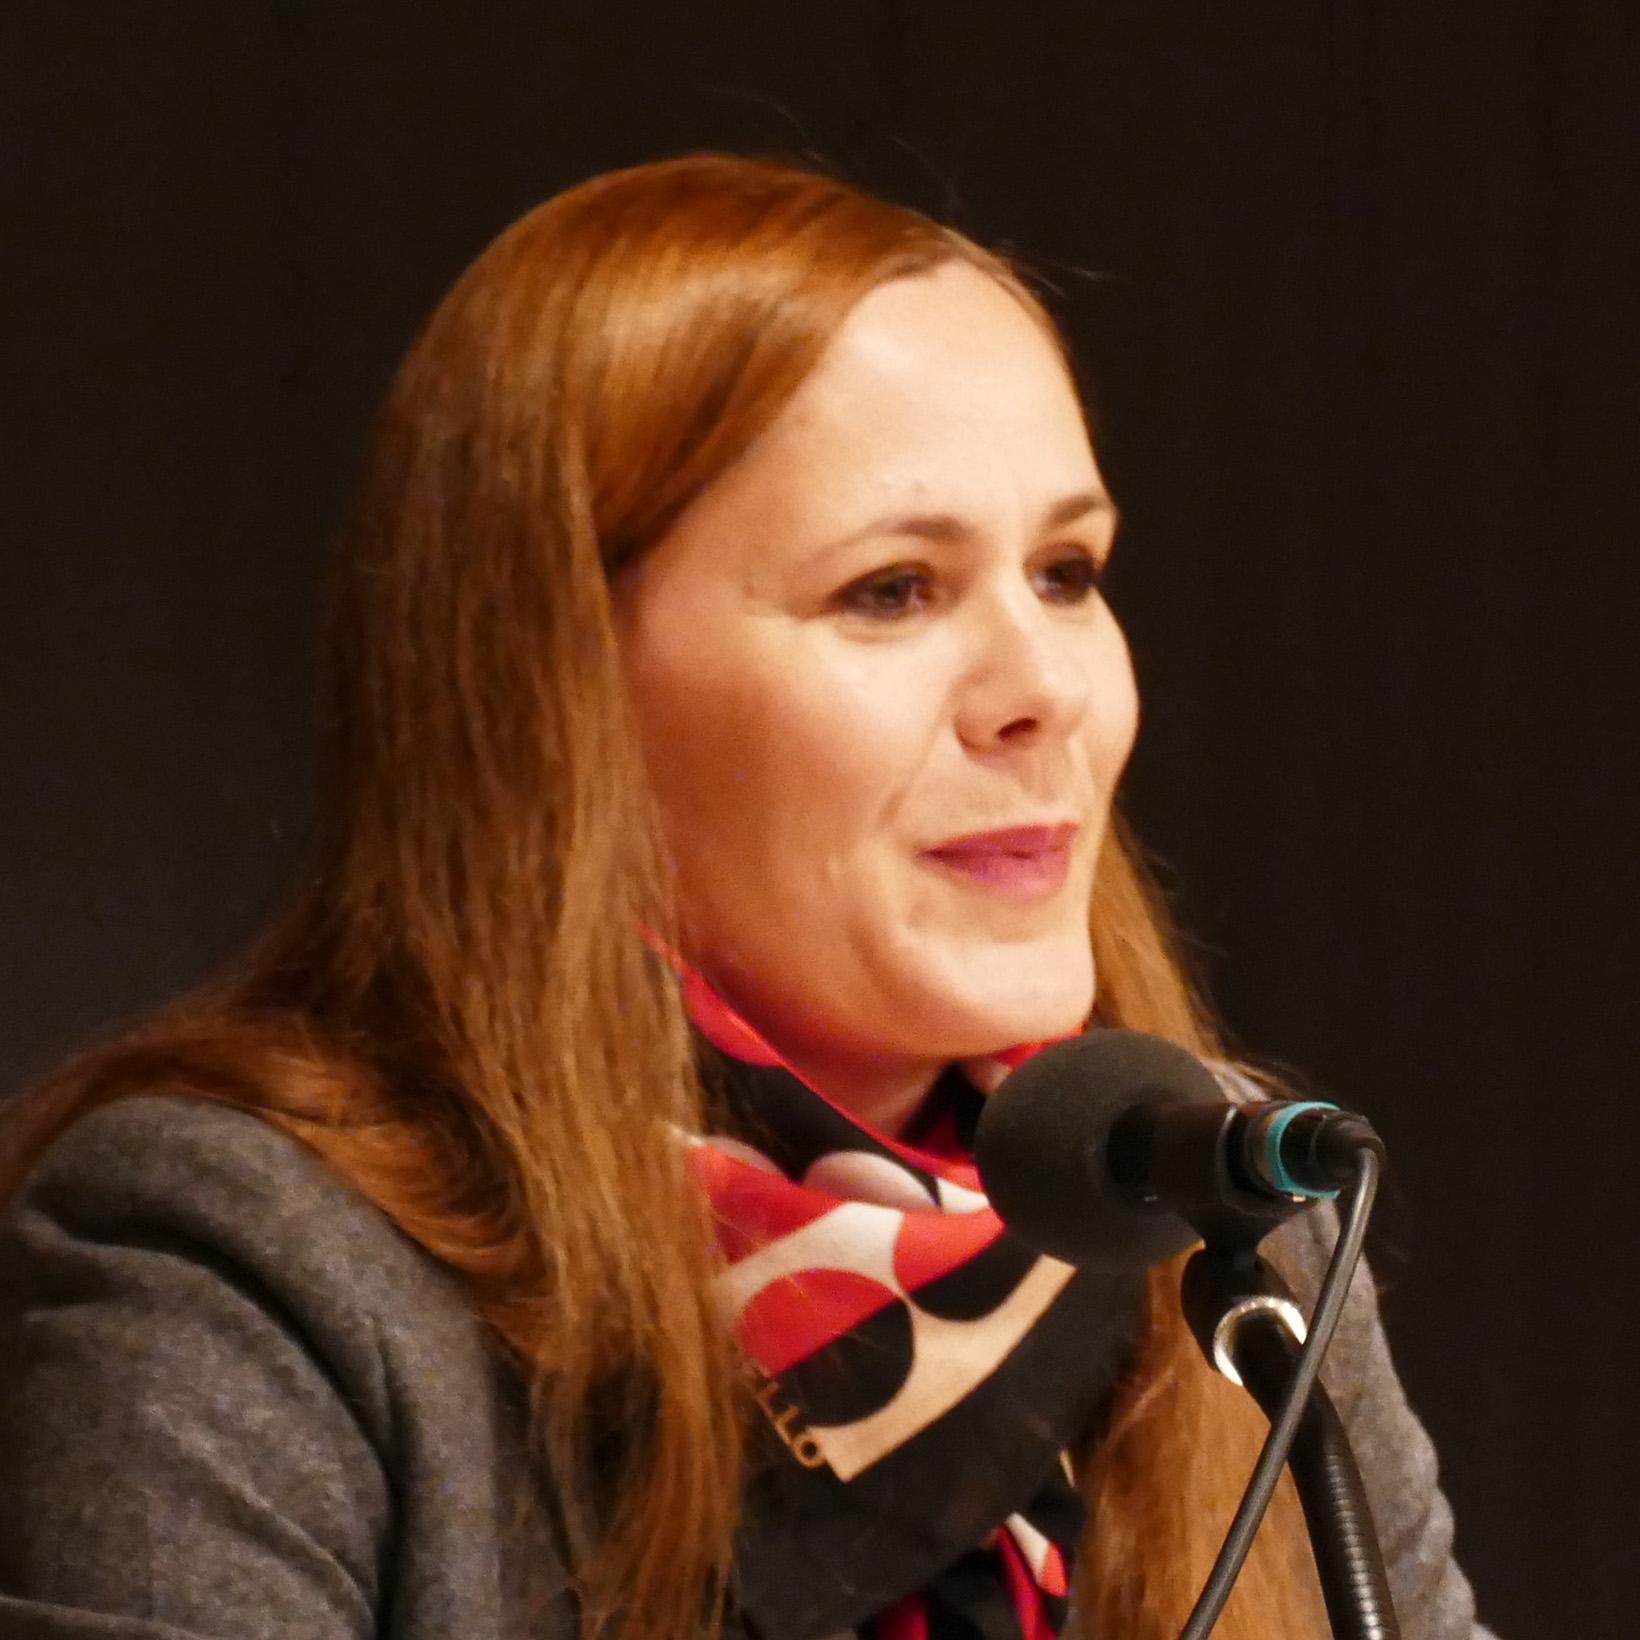 Monique Schwitter